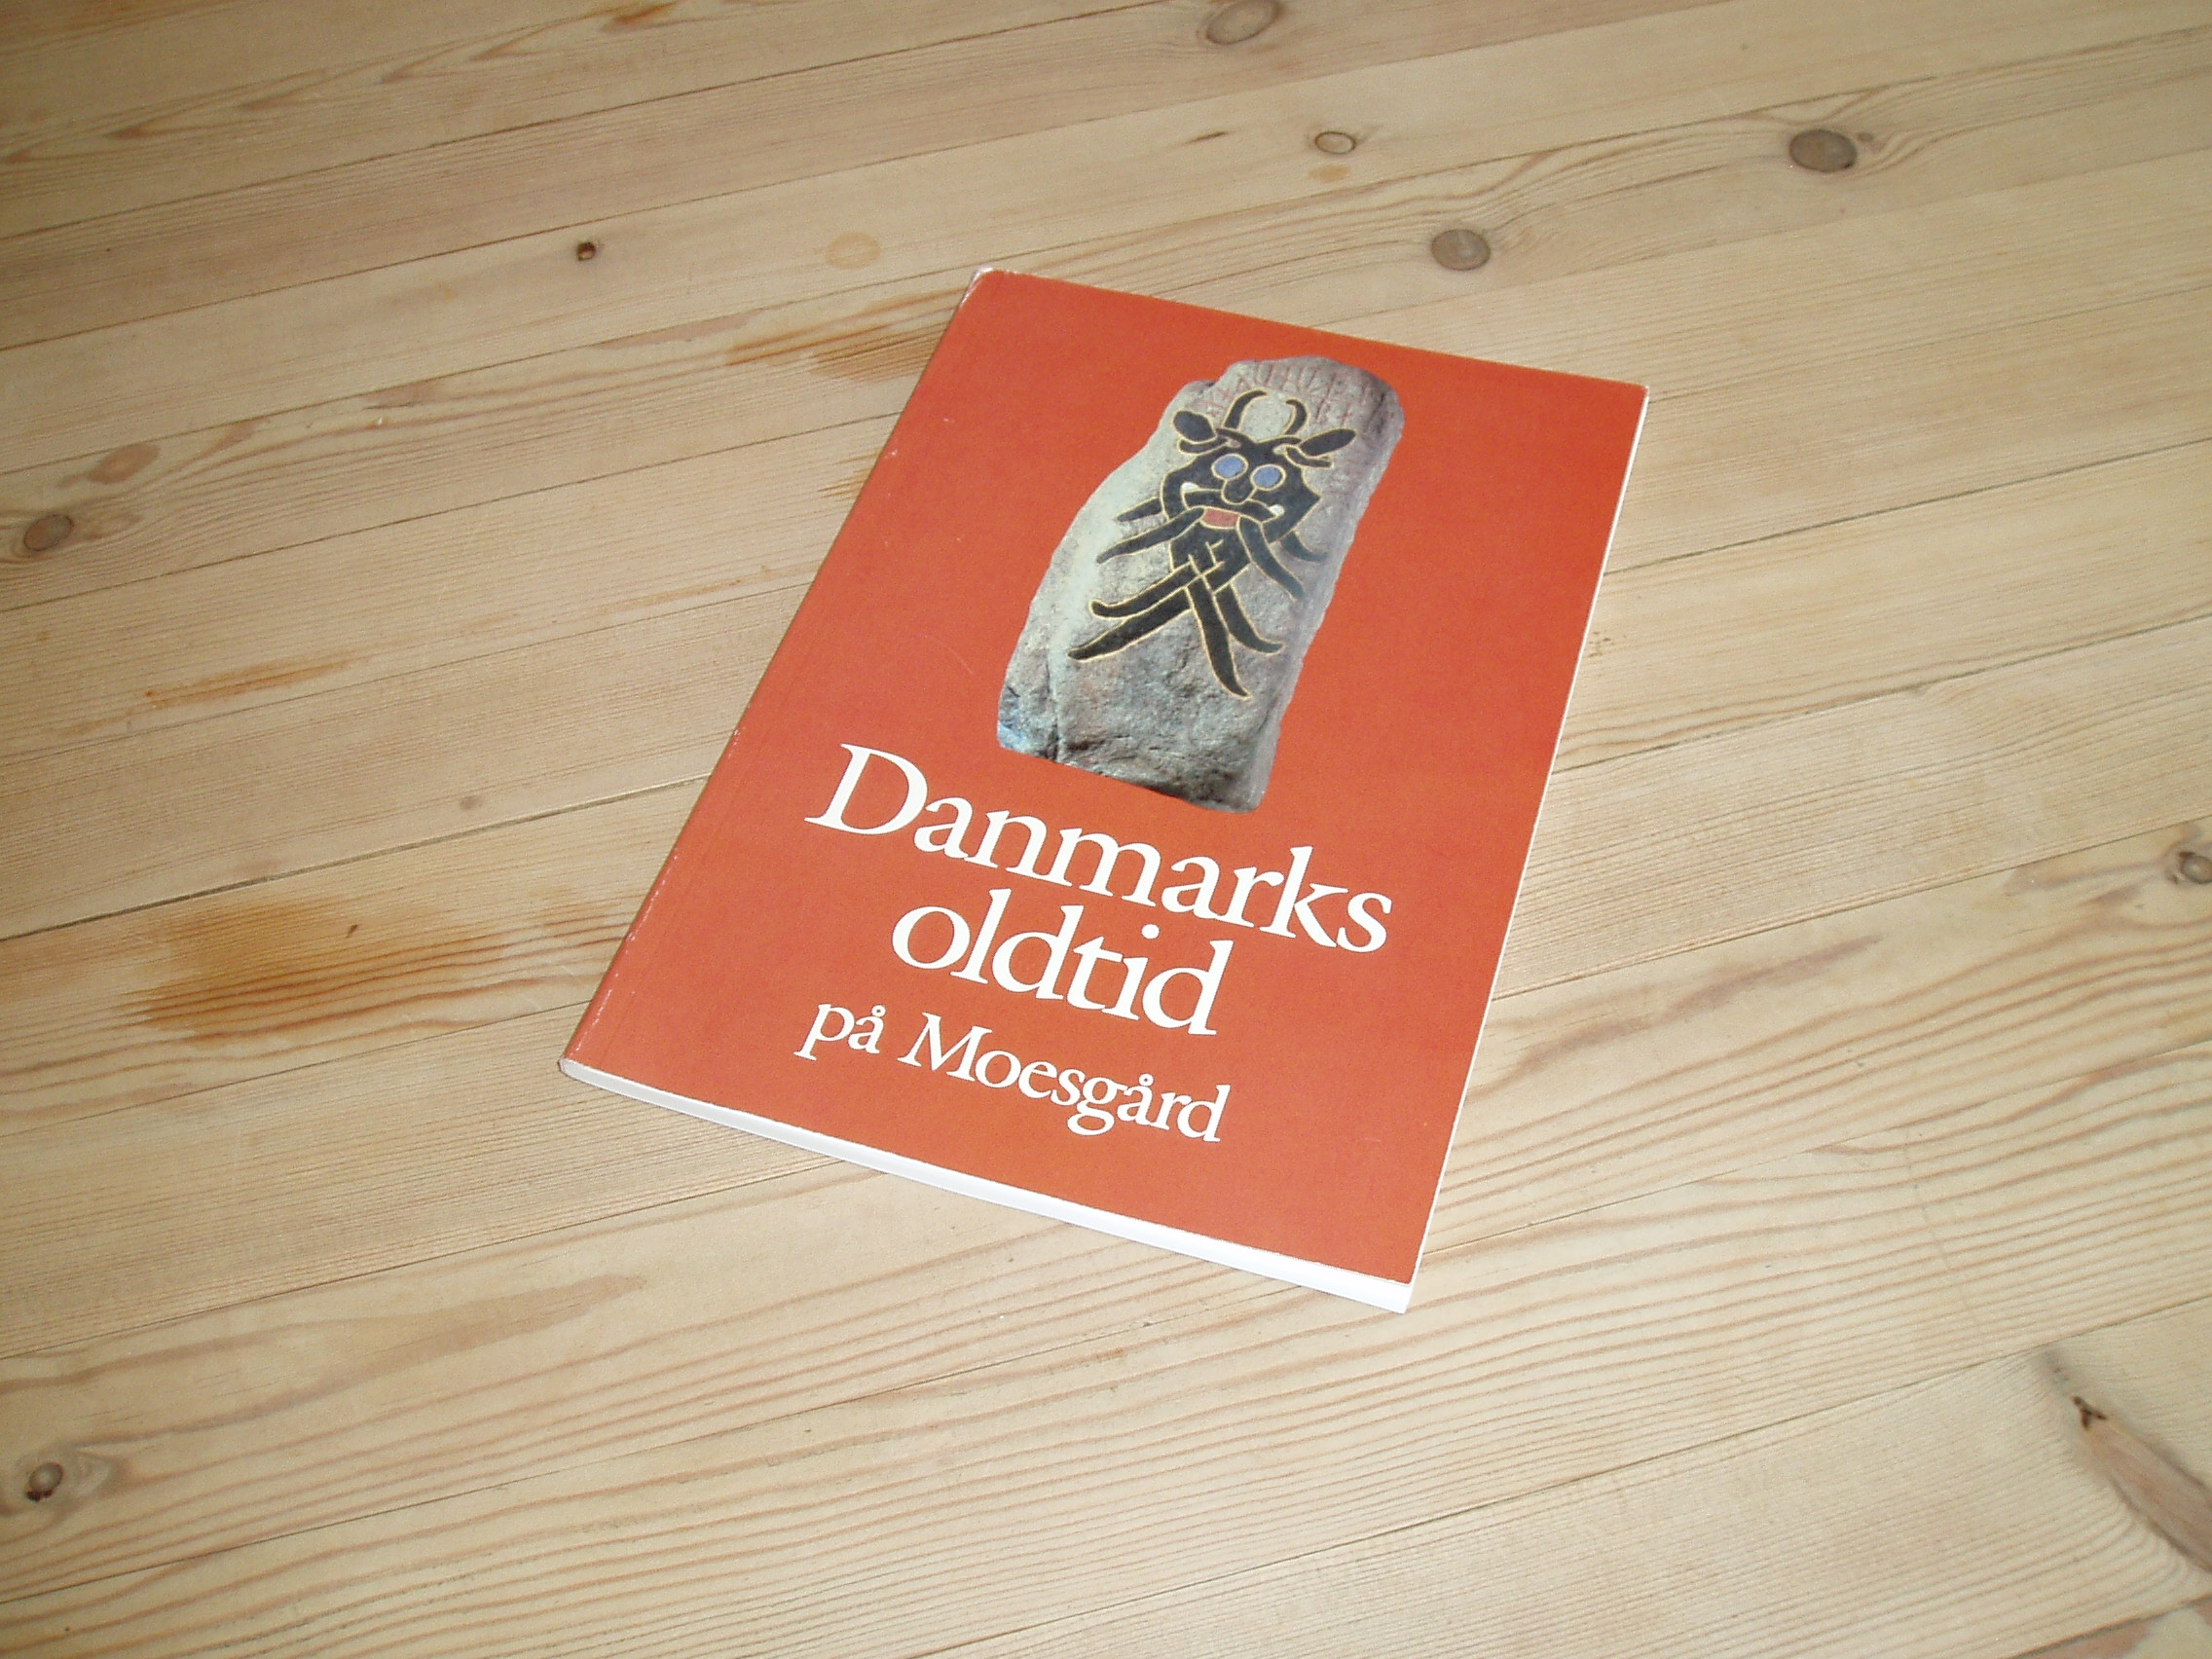 Danmarks oldtid på Moesgård. 2. udgave